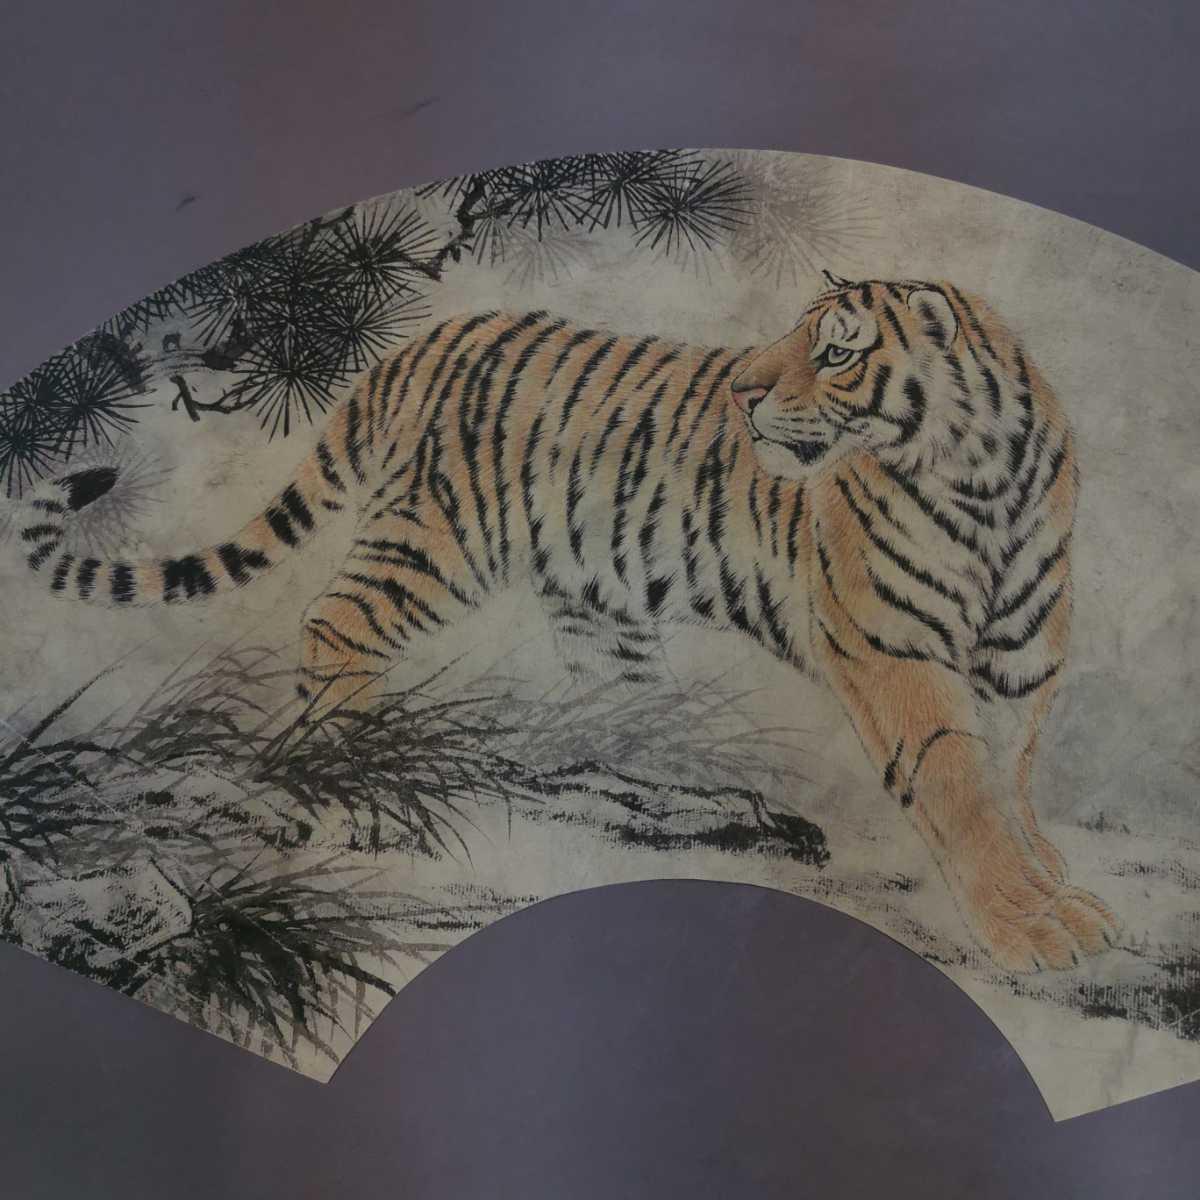 扇面 掛軸 虎図 紙本 肉筆保証 掛け軸 時代物 在銘 中国古美術 中国美術 古玩 古董 時代物 唐物 000307_画像2